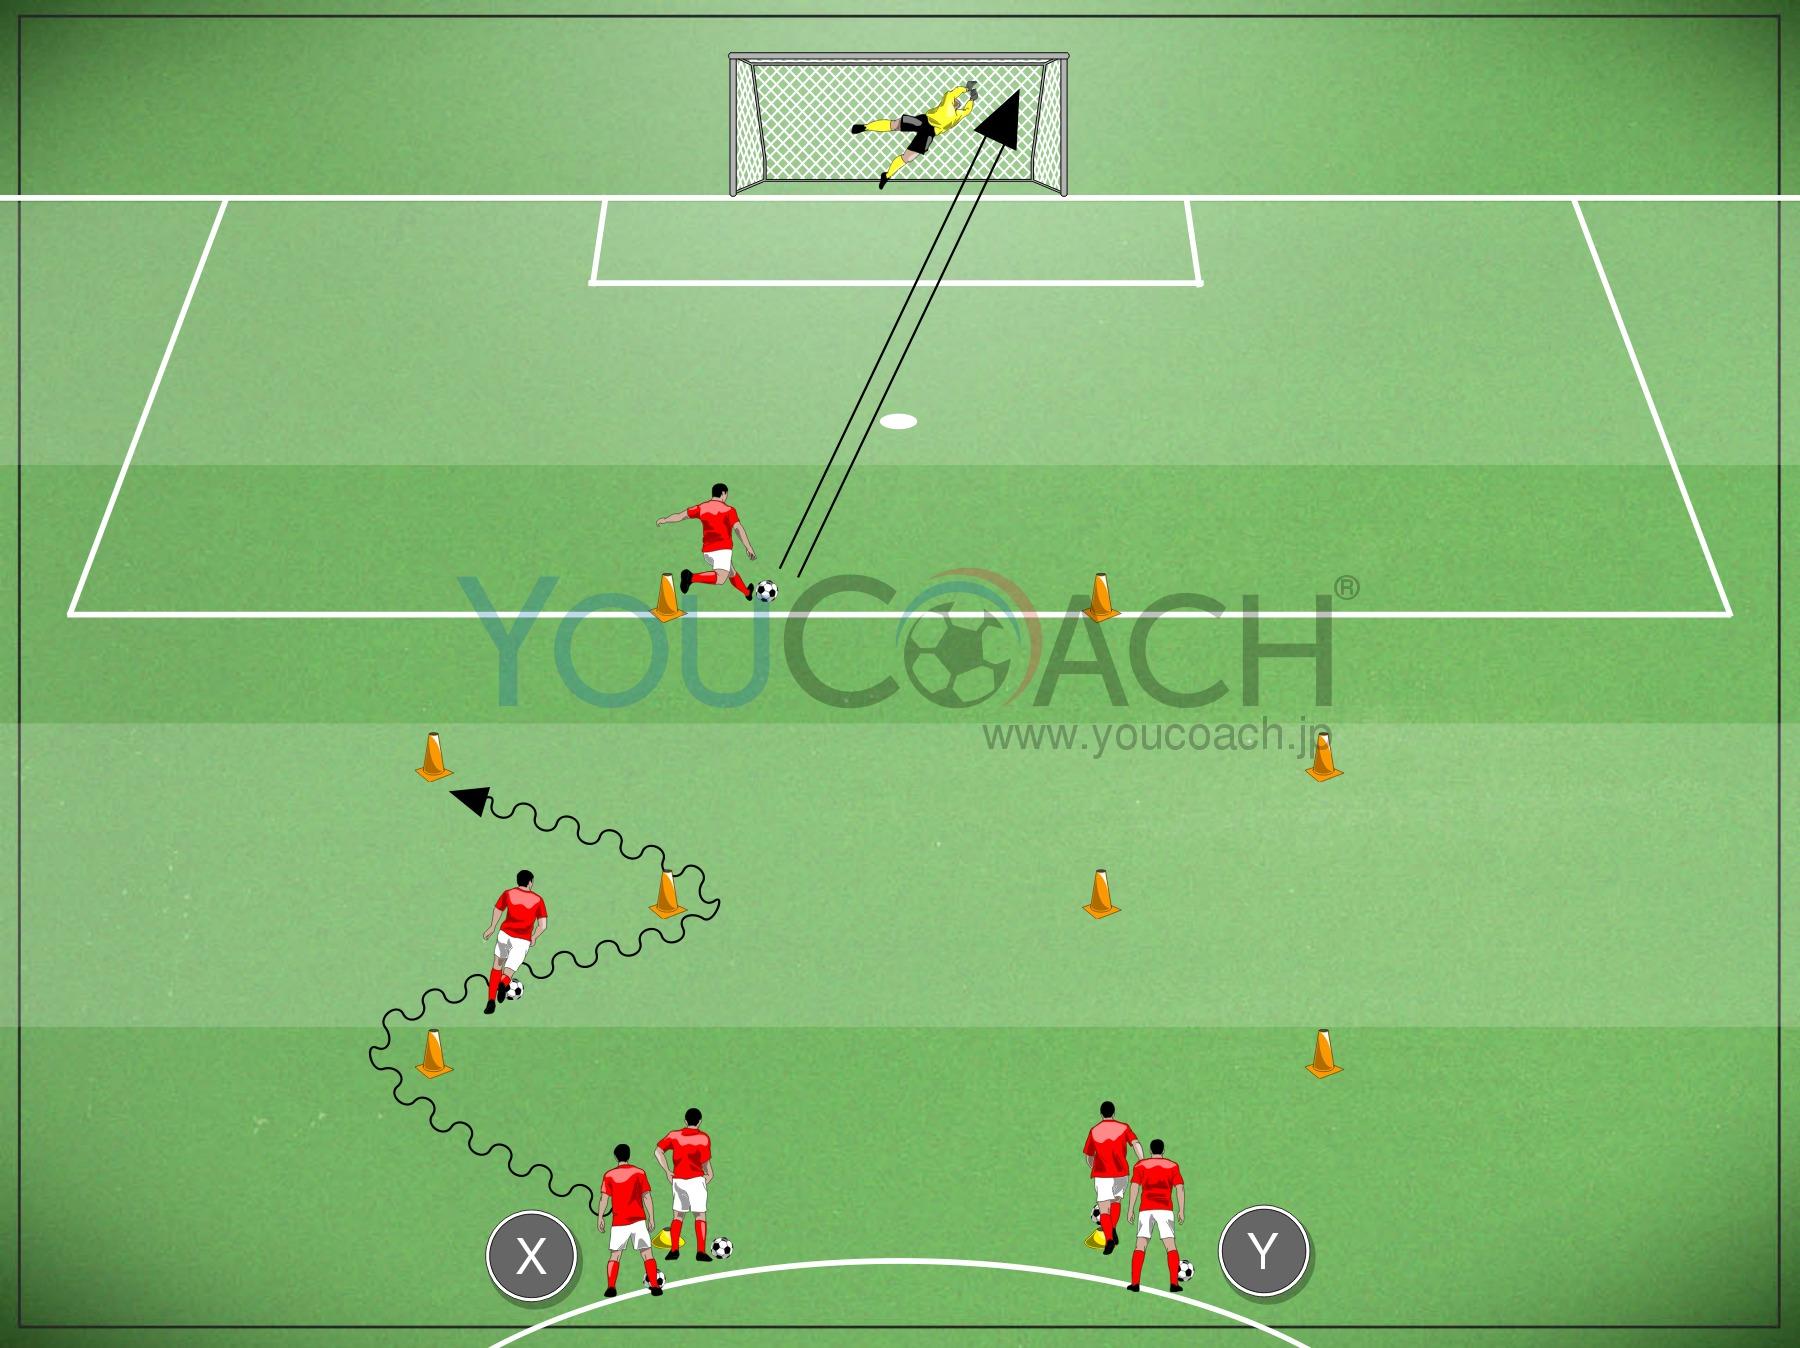 テクニカルトレーニング - PSVアイントホーフェンアカデミー